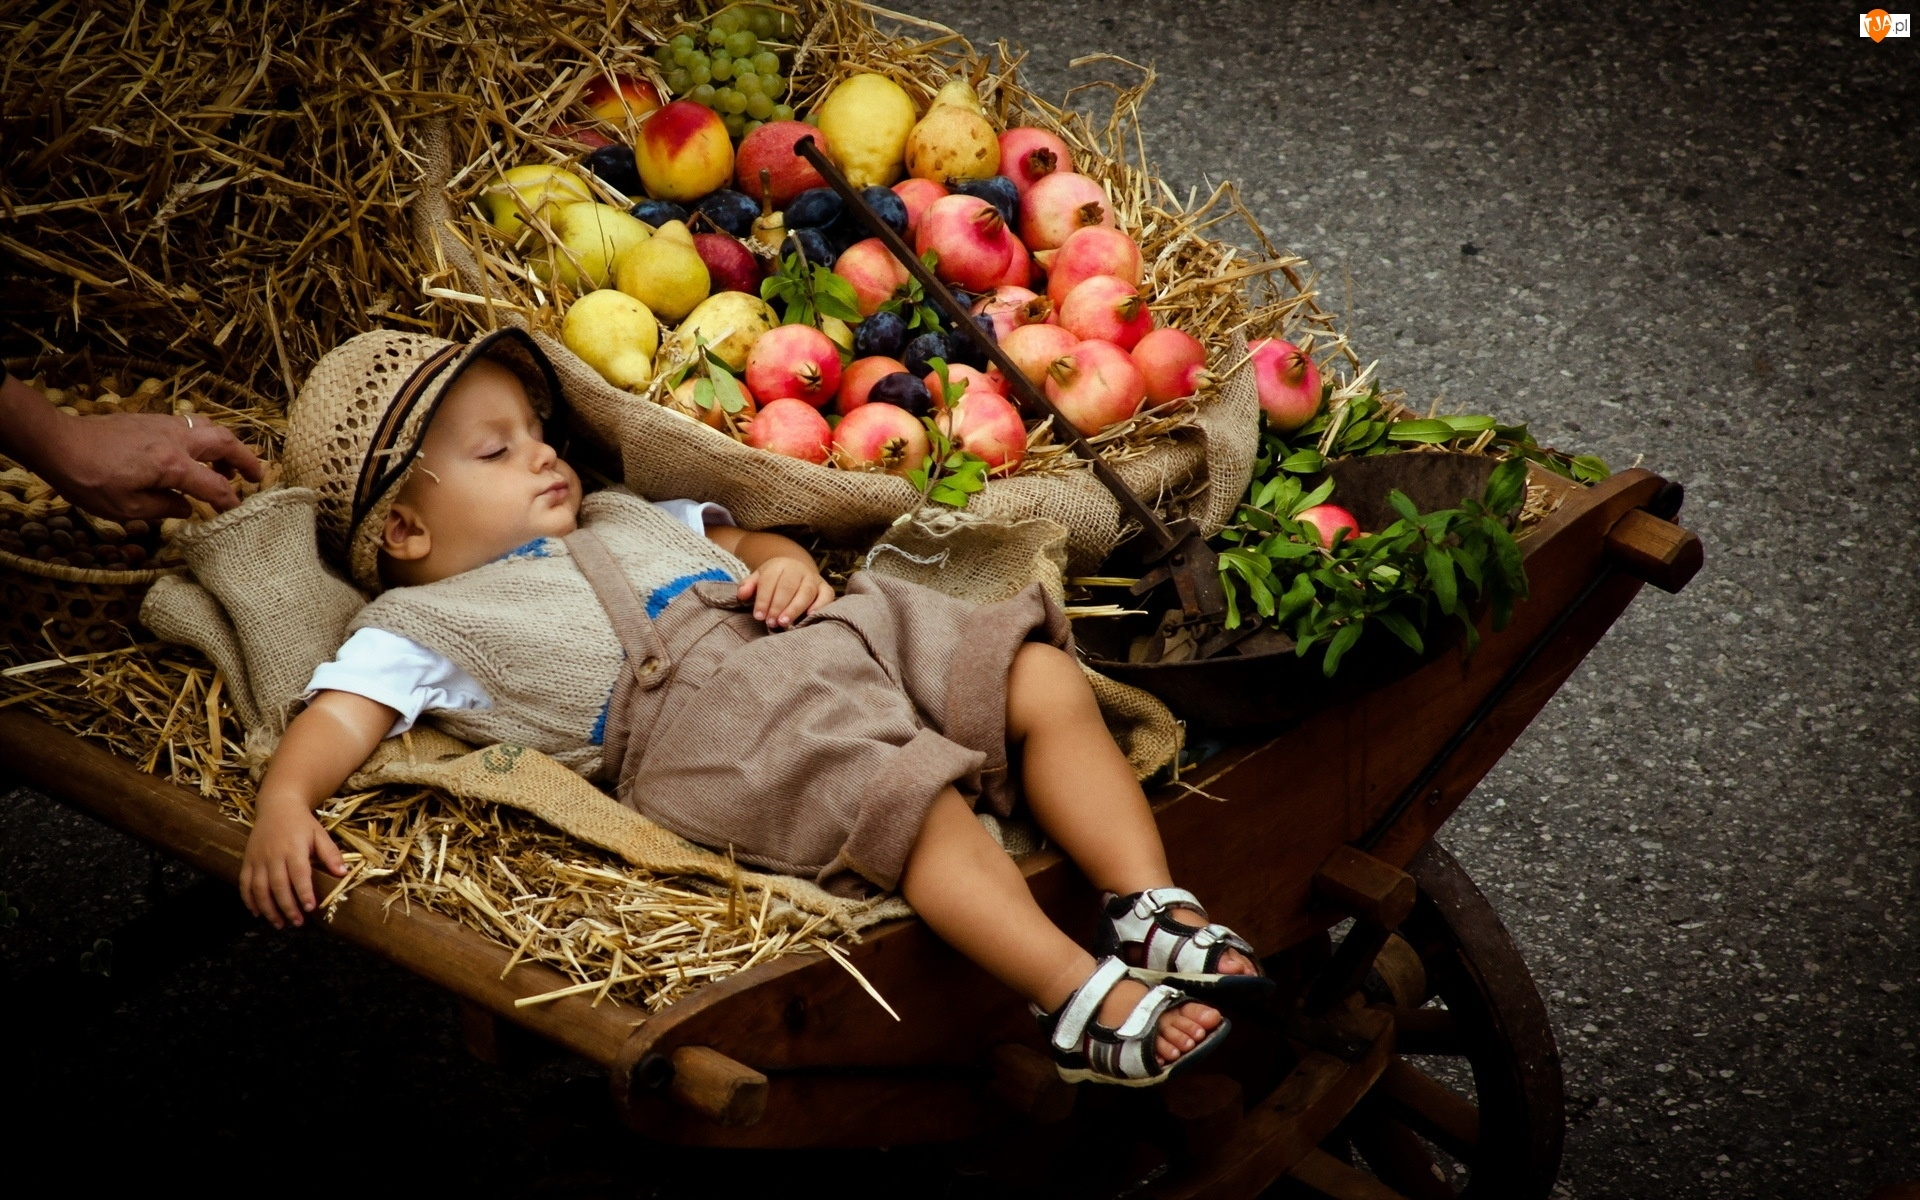 Śpiące, Taczka, Dziecko, Owoce